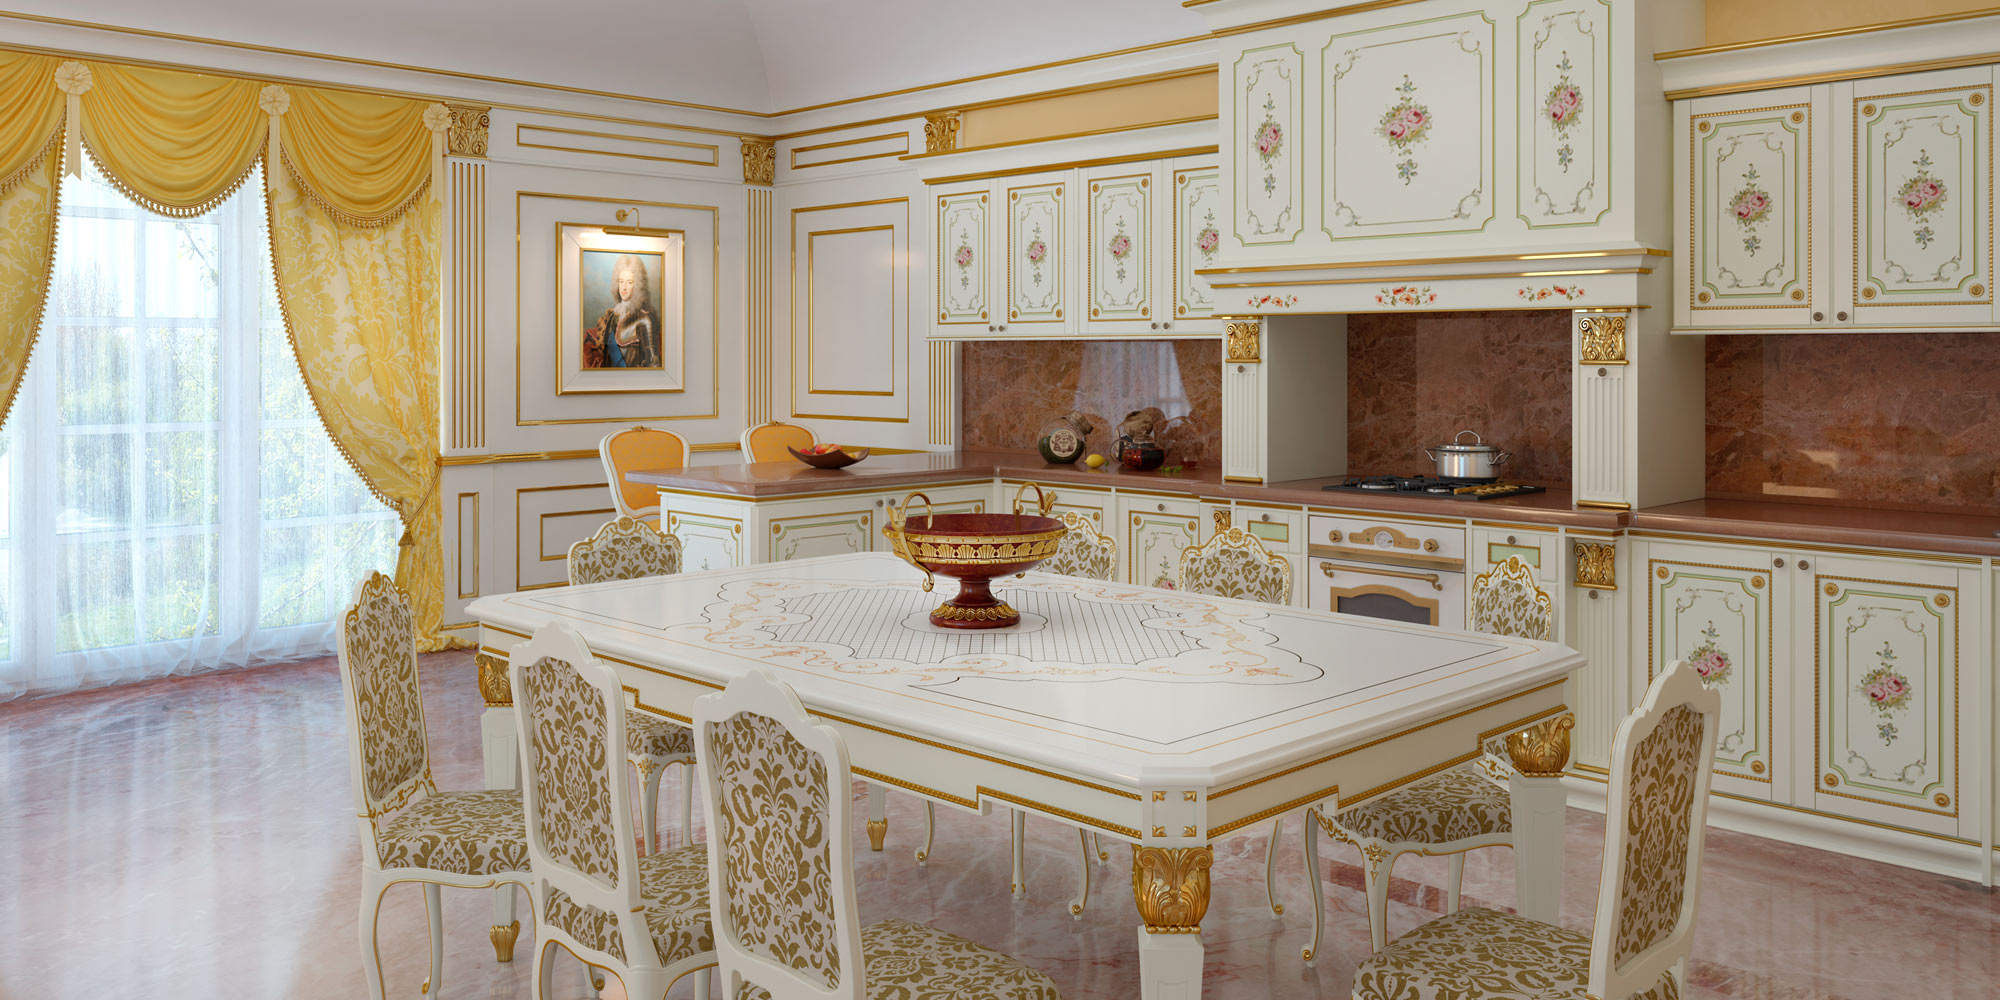 Cucine classiche su misura: il lusso entra in cucina